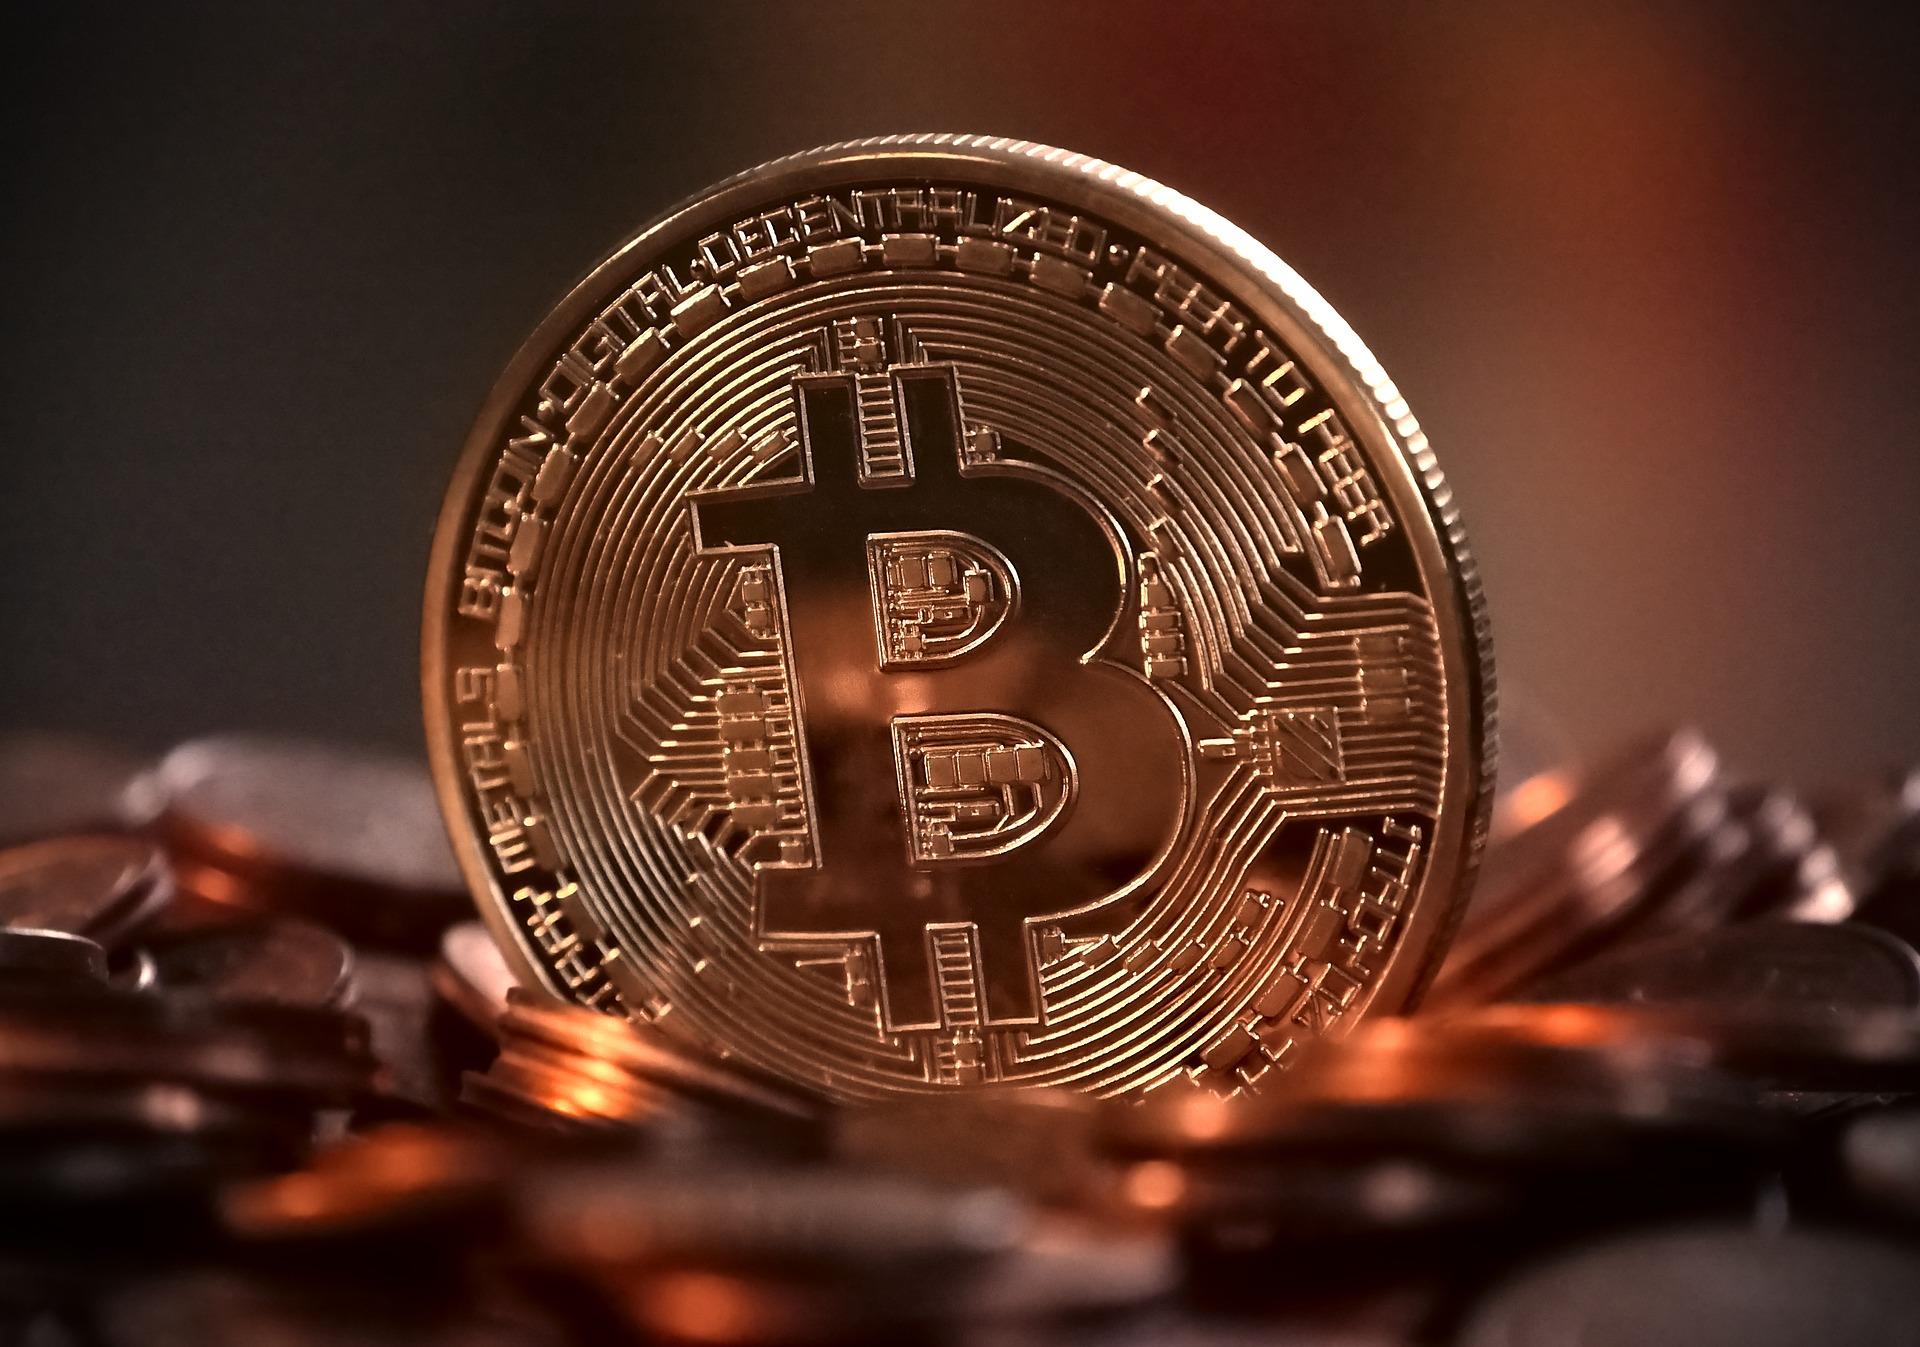 Bitcoin kryptowalut